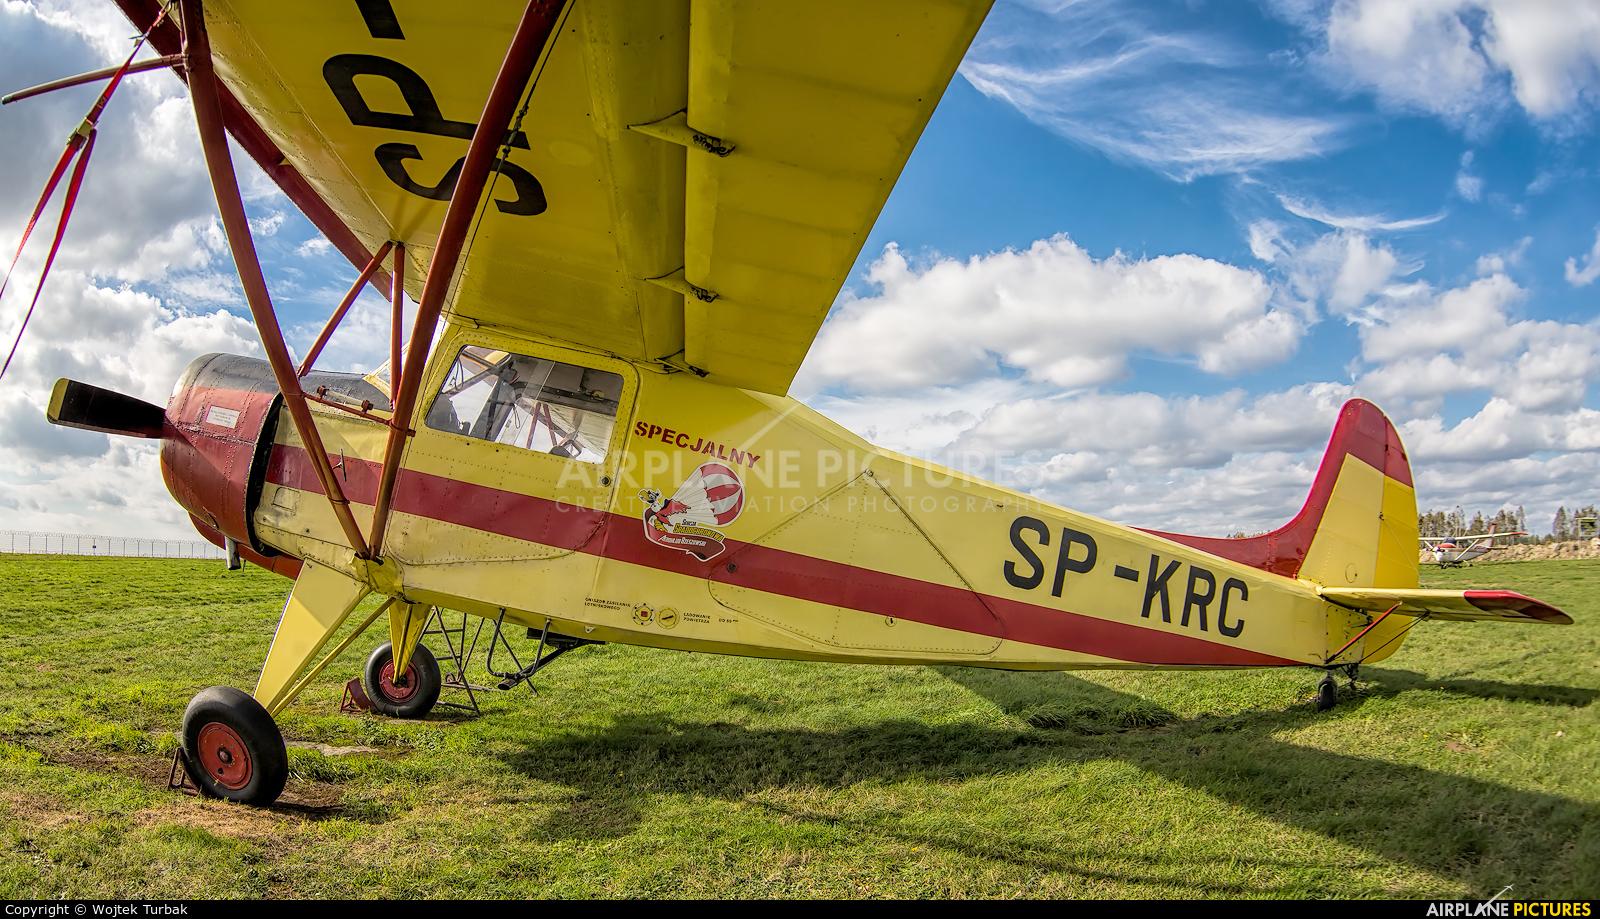 Aeroklub Rzeszowski SP-KRC aircraft at Rzeszów-Jasionka